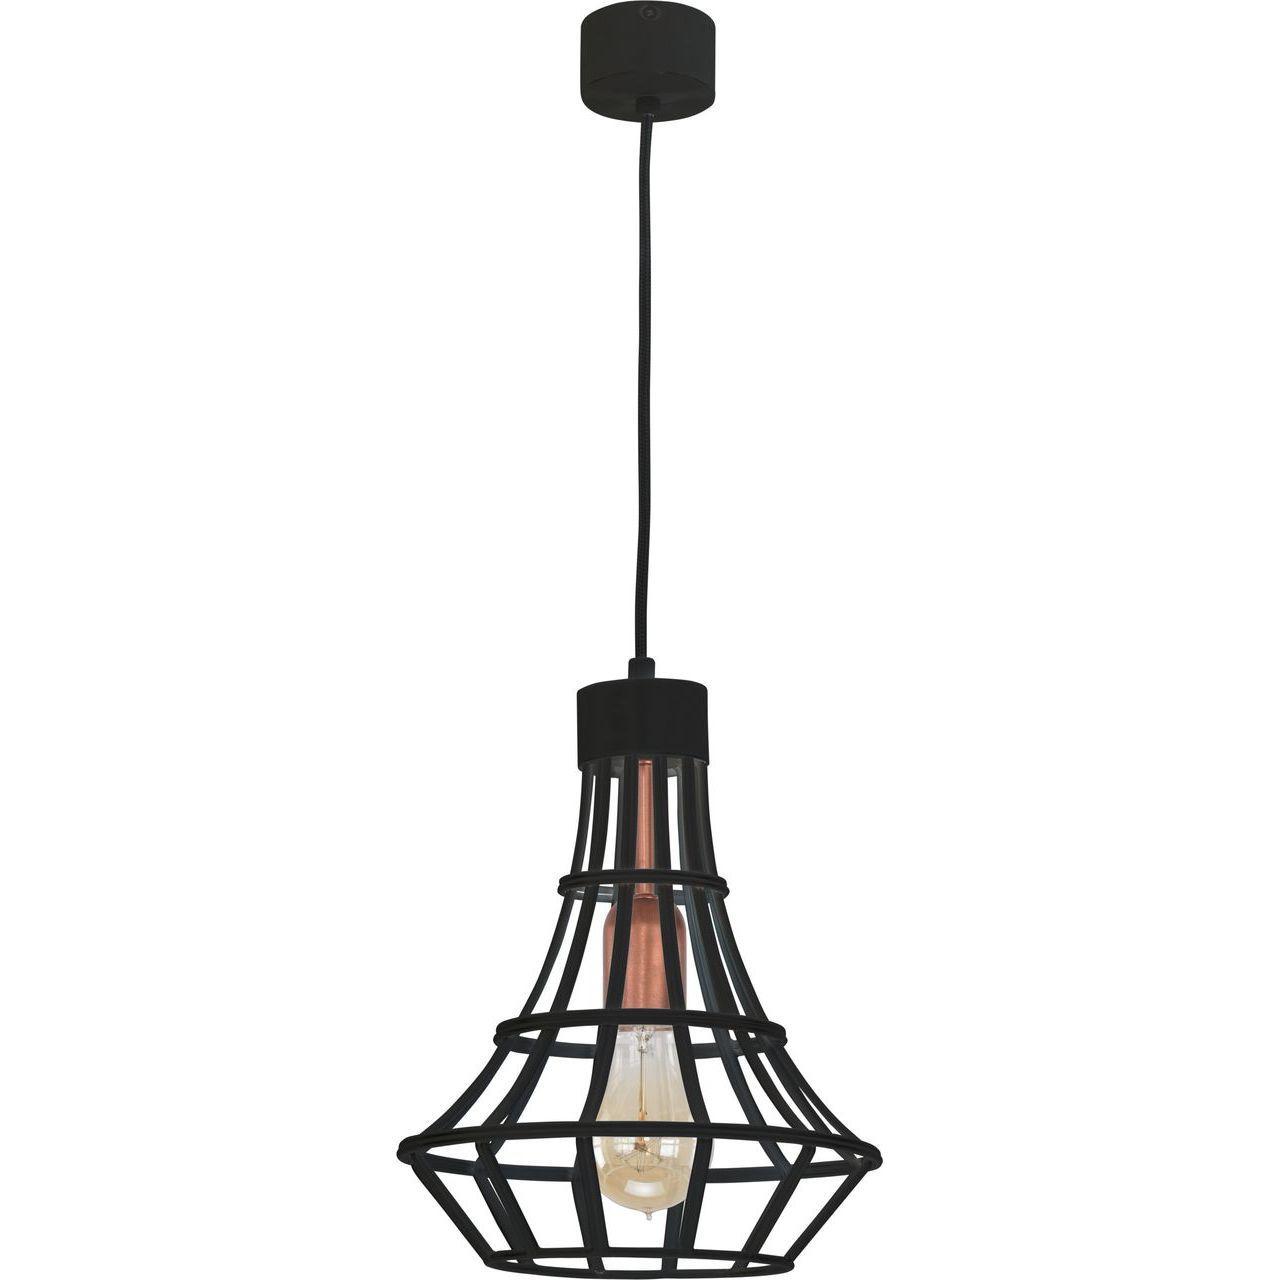 Купить Подвесной светильник Spot Light Riana из металла, inmyroom, Польша